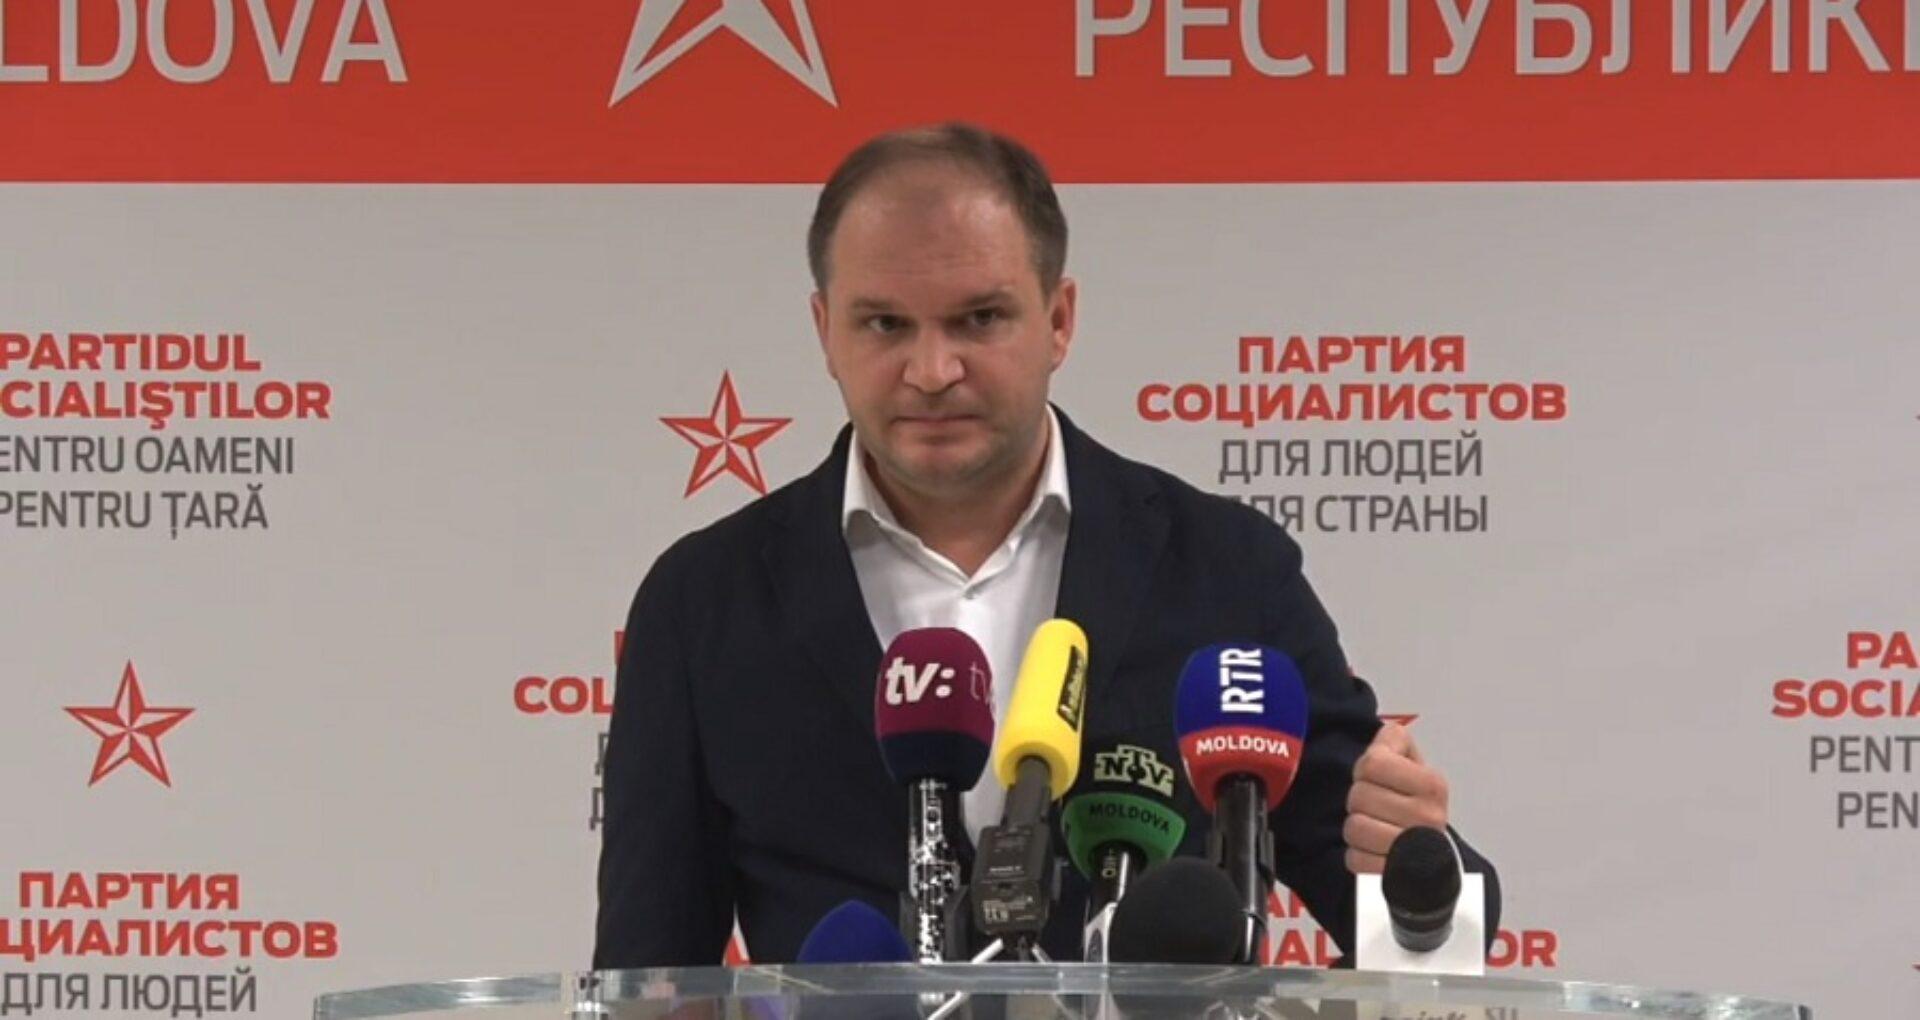 Ultima oră: Cine este Ion Ceban, candidatul socialiștilor pentru funcția de primar al mun. Chișinău